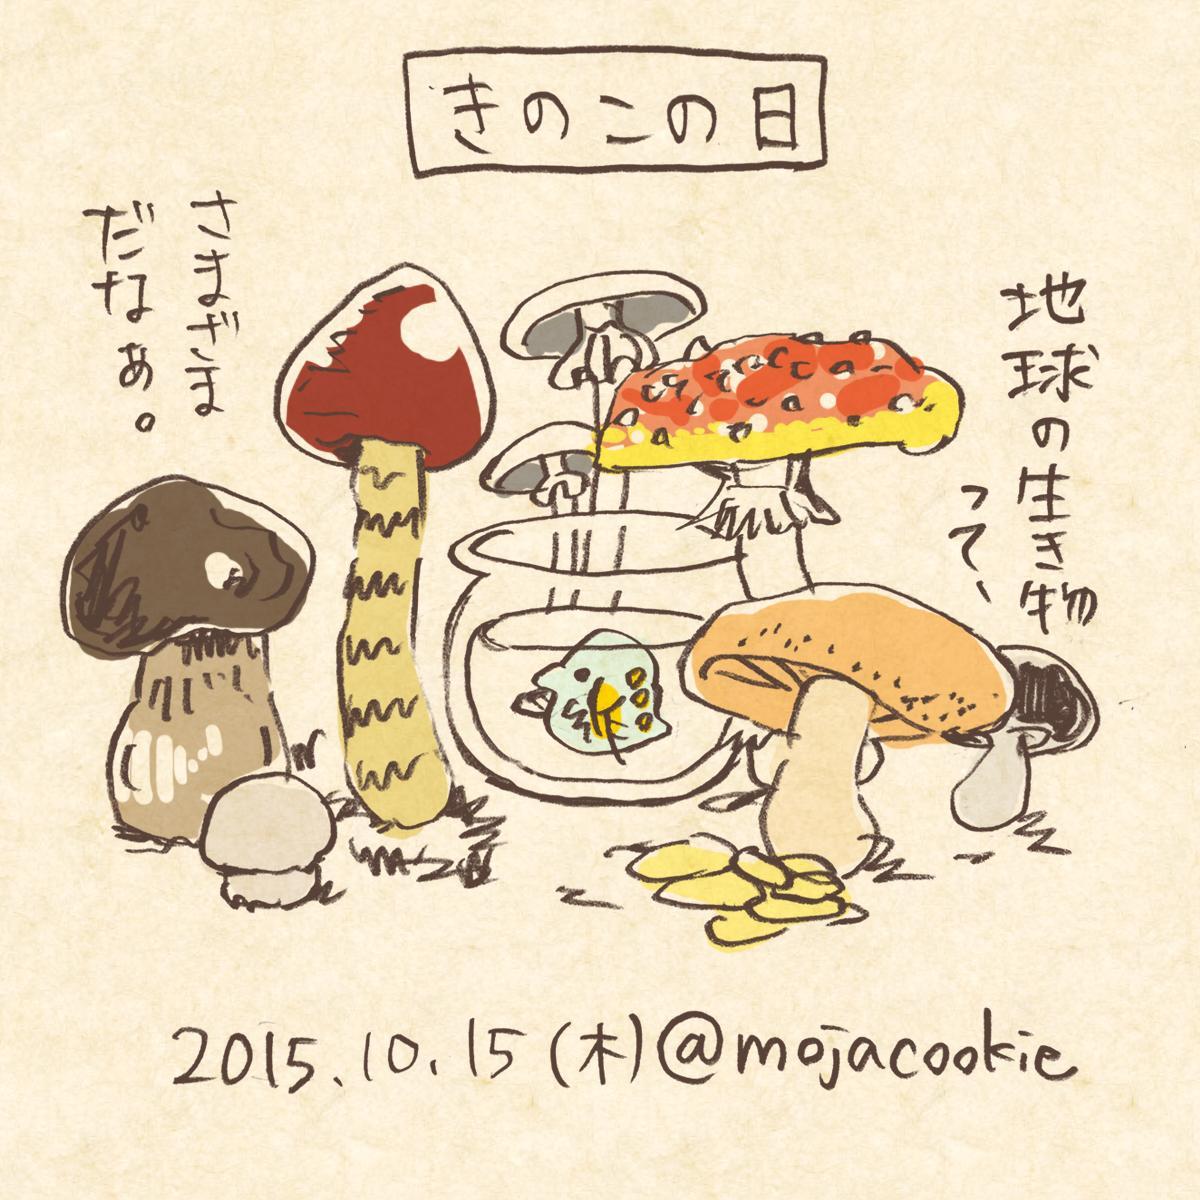 http://twitter.com/mojacookie/status/654499708073672704/photo/1